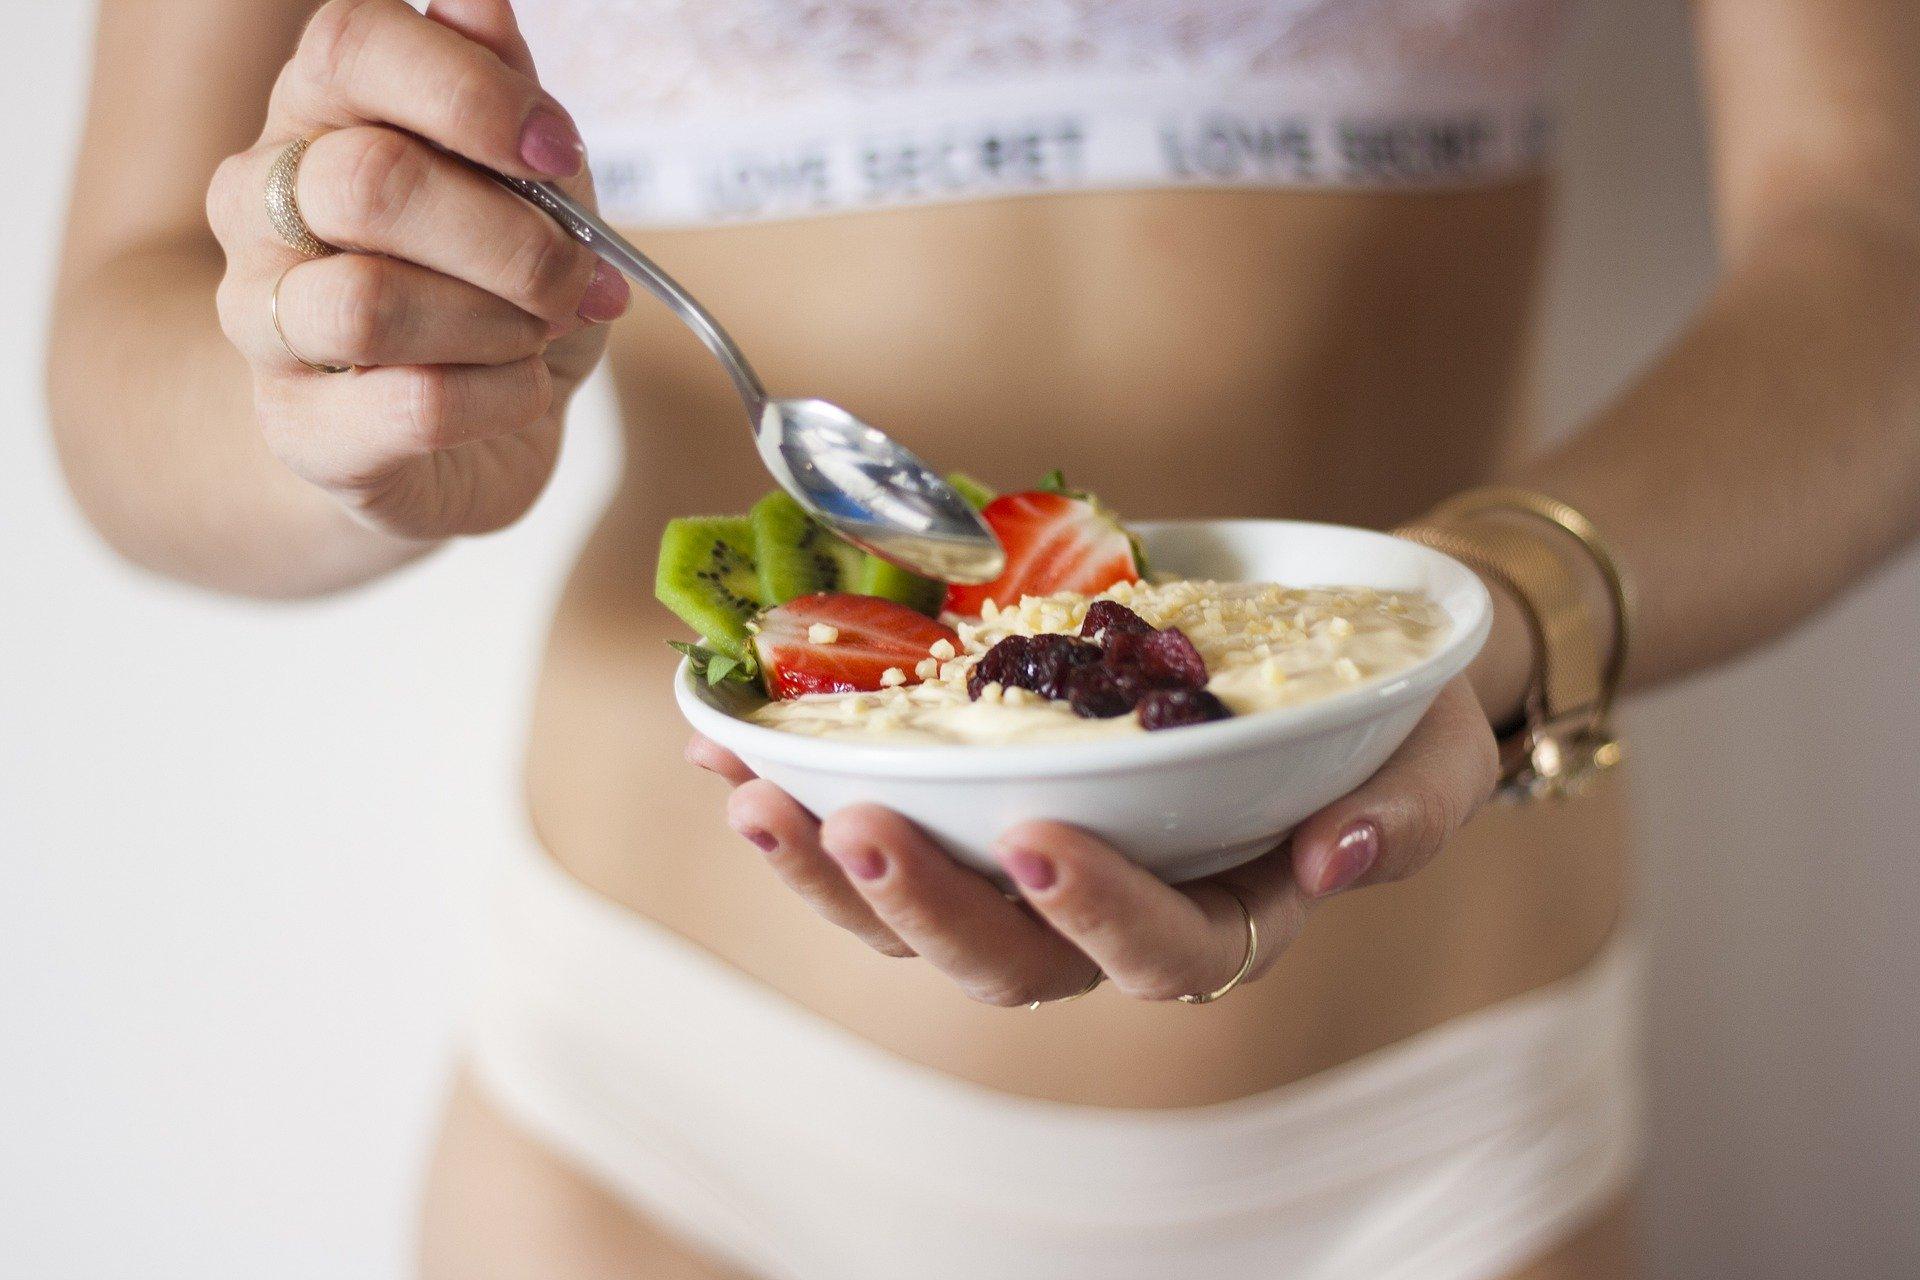 Nieswoiste zapalenia jelit – dieta, rodzaje, postępowanie